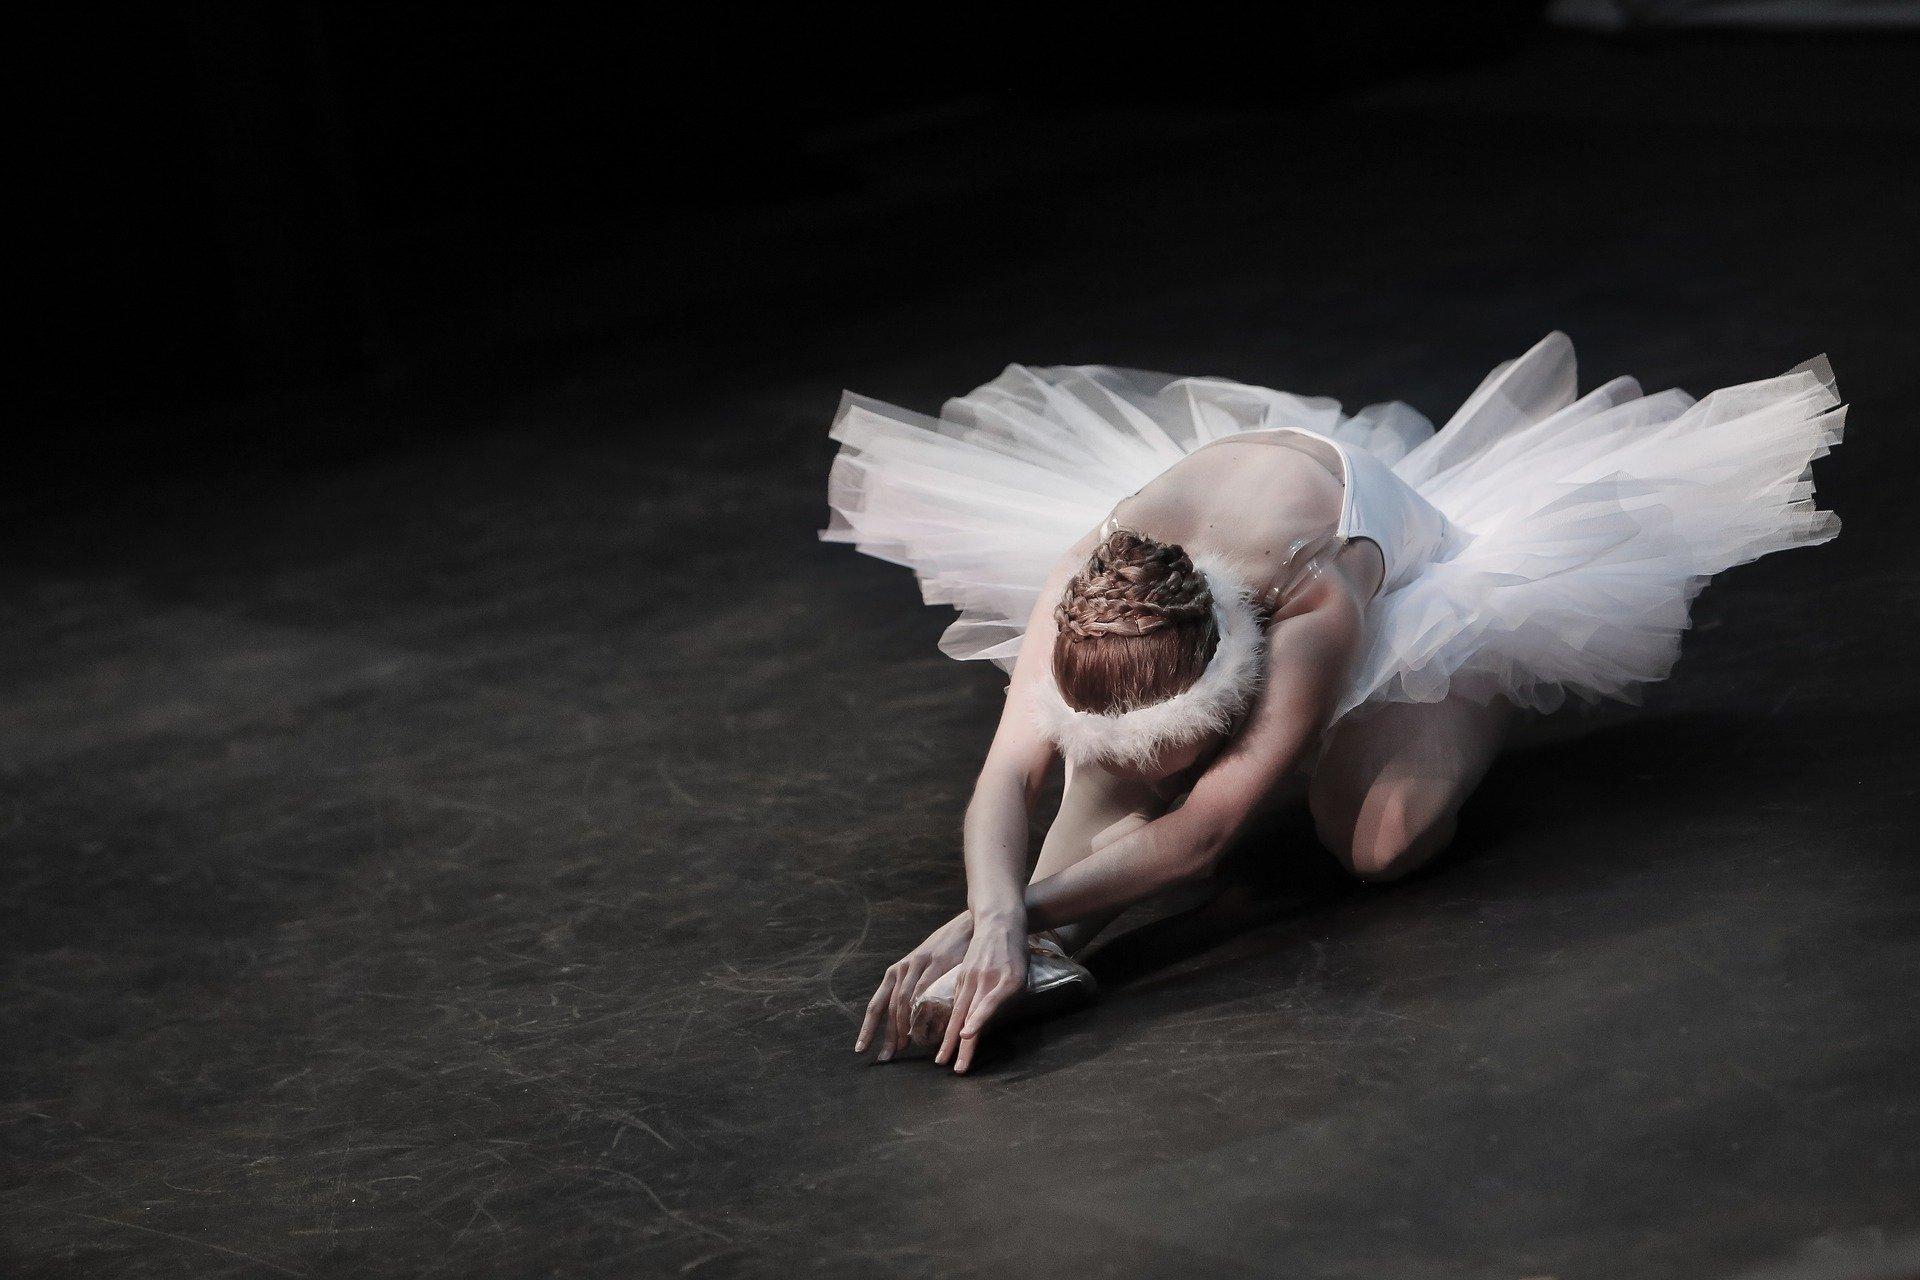 רקדנית בלט. תנועה איטית מודעת מאפשרת לנו לעצב את גורלנו